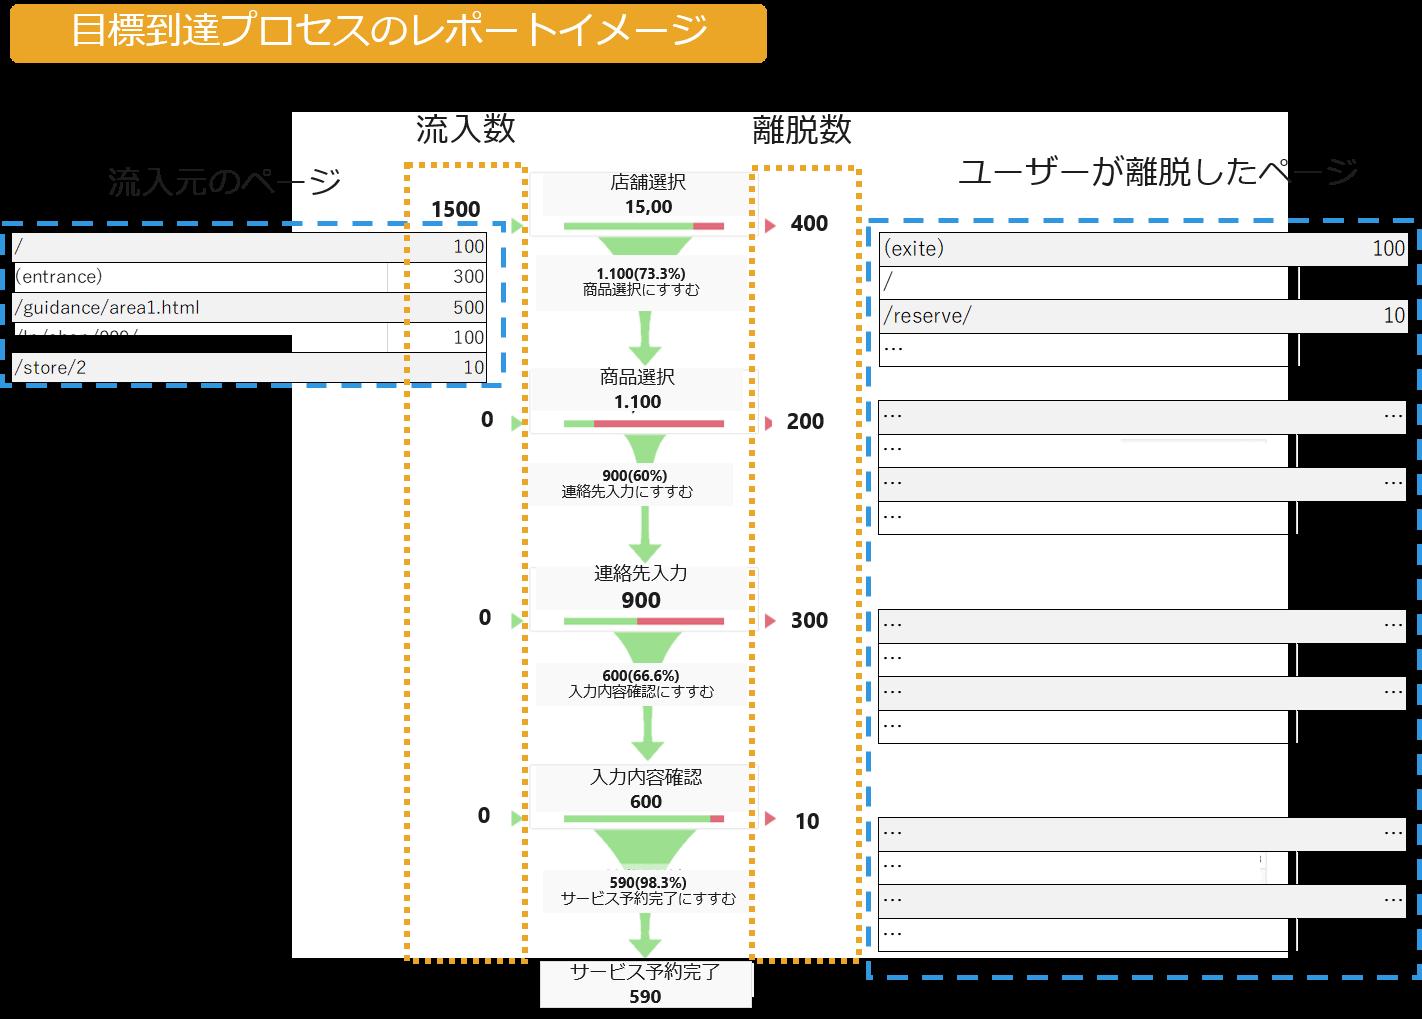 (図1:Google アナリティクスでの目標到達プロセスレポートのイメージ)